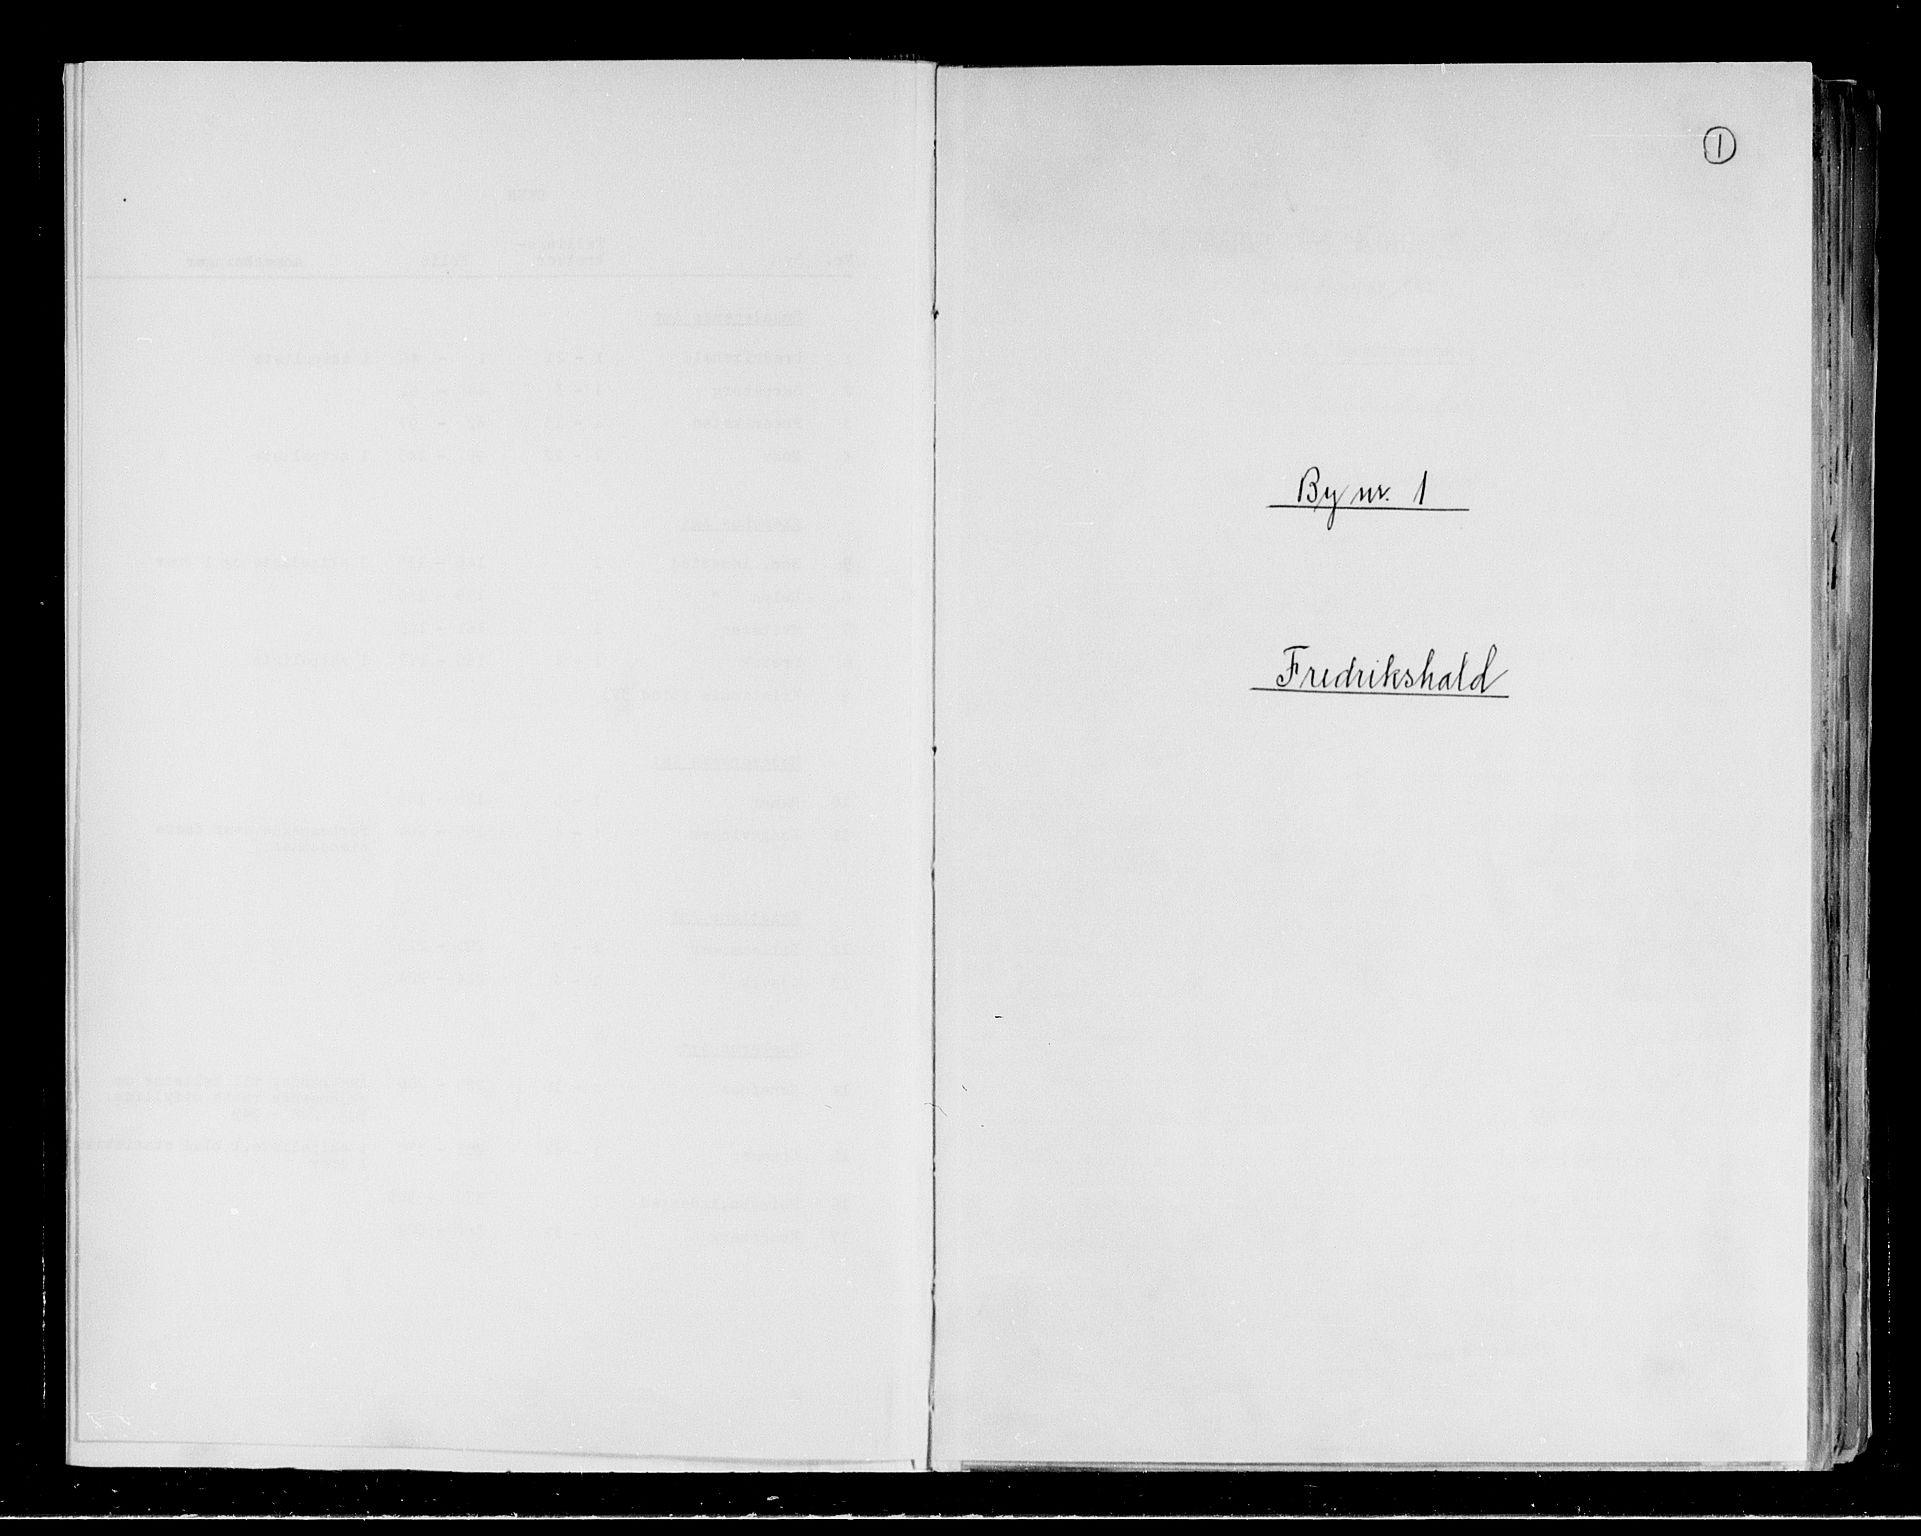 RA, Folketelling 1891 for 0101 Fredrikshald kjøpstad, 1891, s. 1